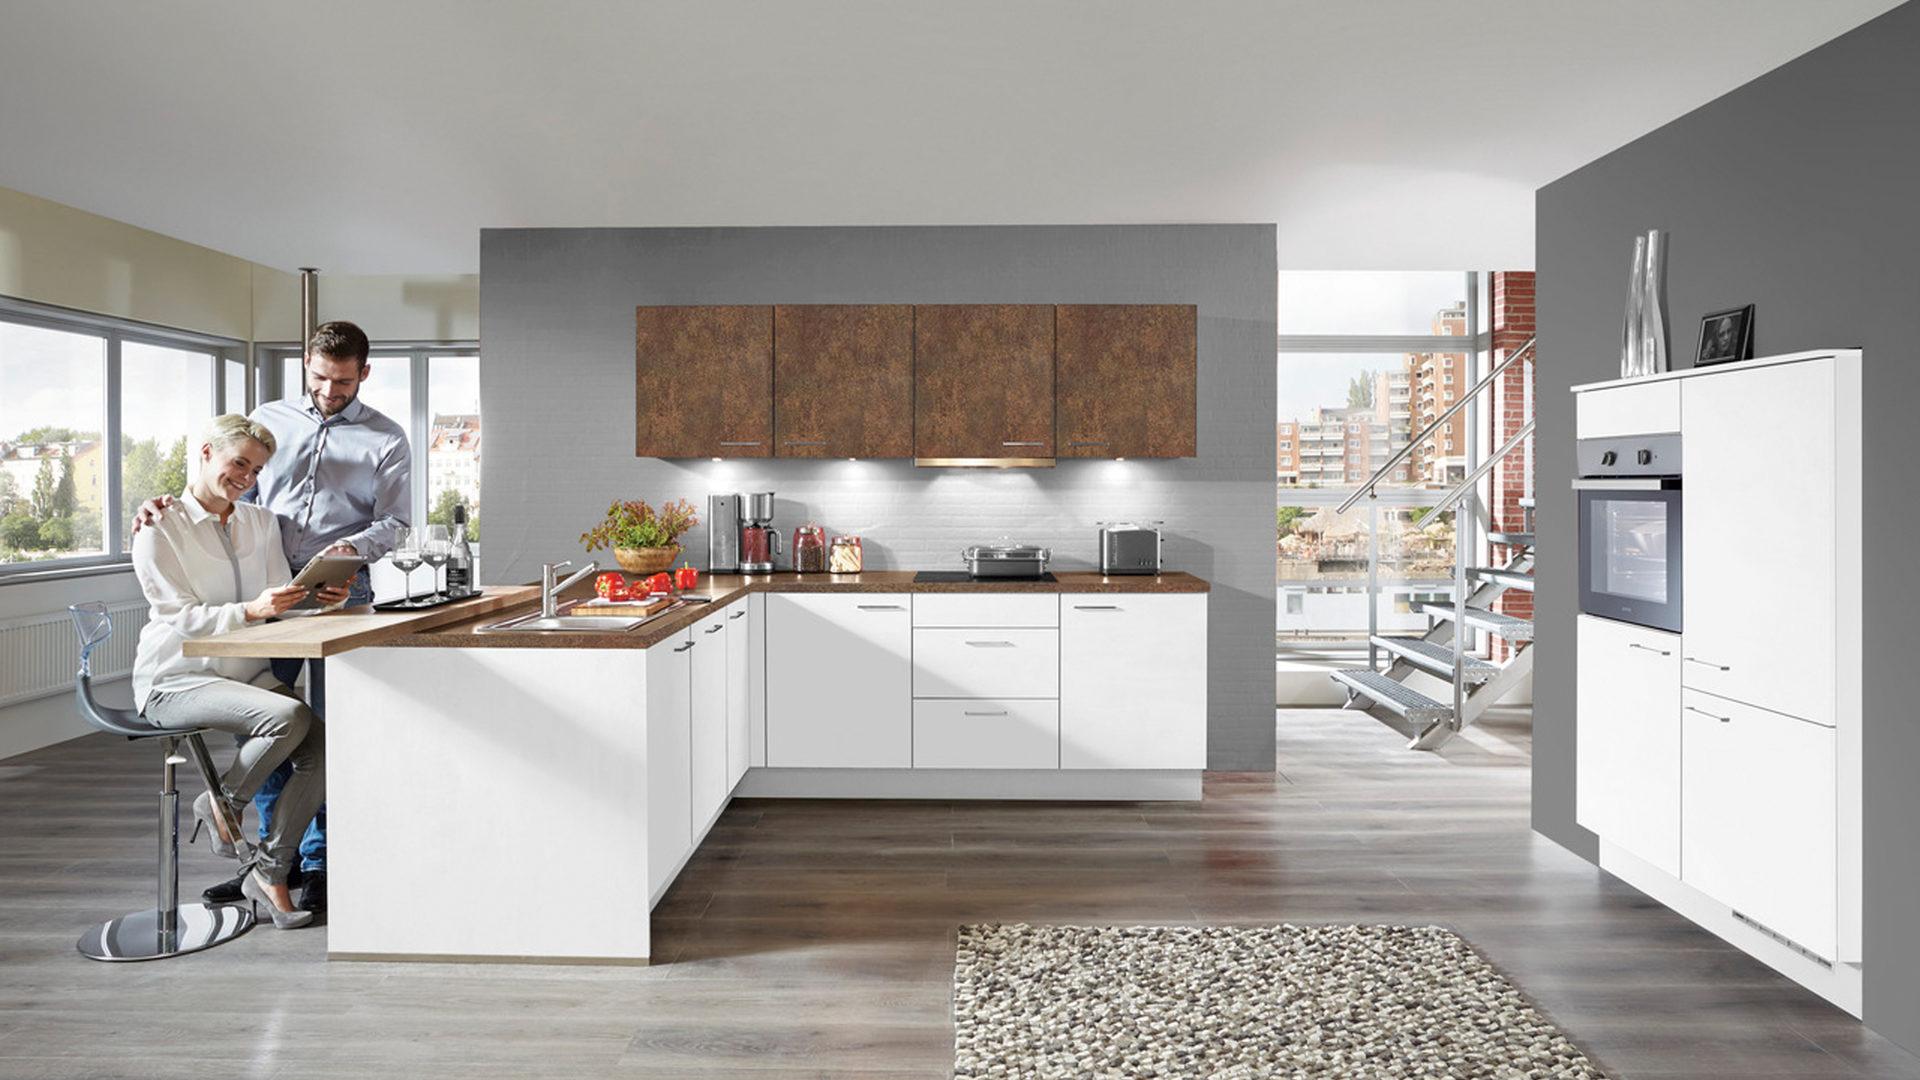 Küchen Coesfeld möbel boer coesfeld möbel a z küchen einbauküche mit gorenje